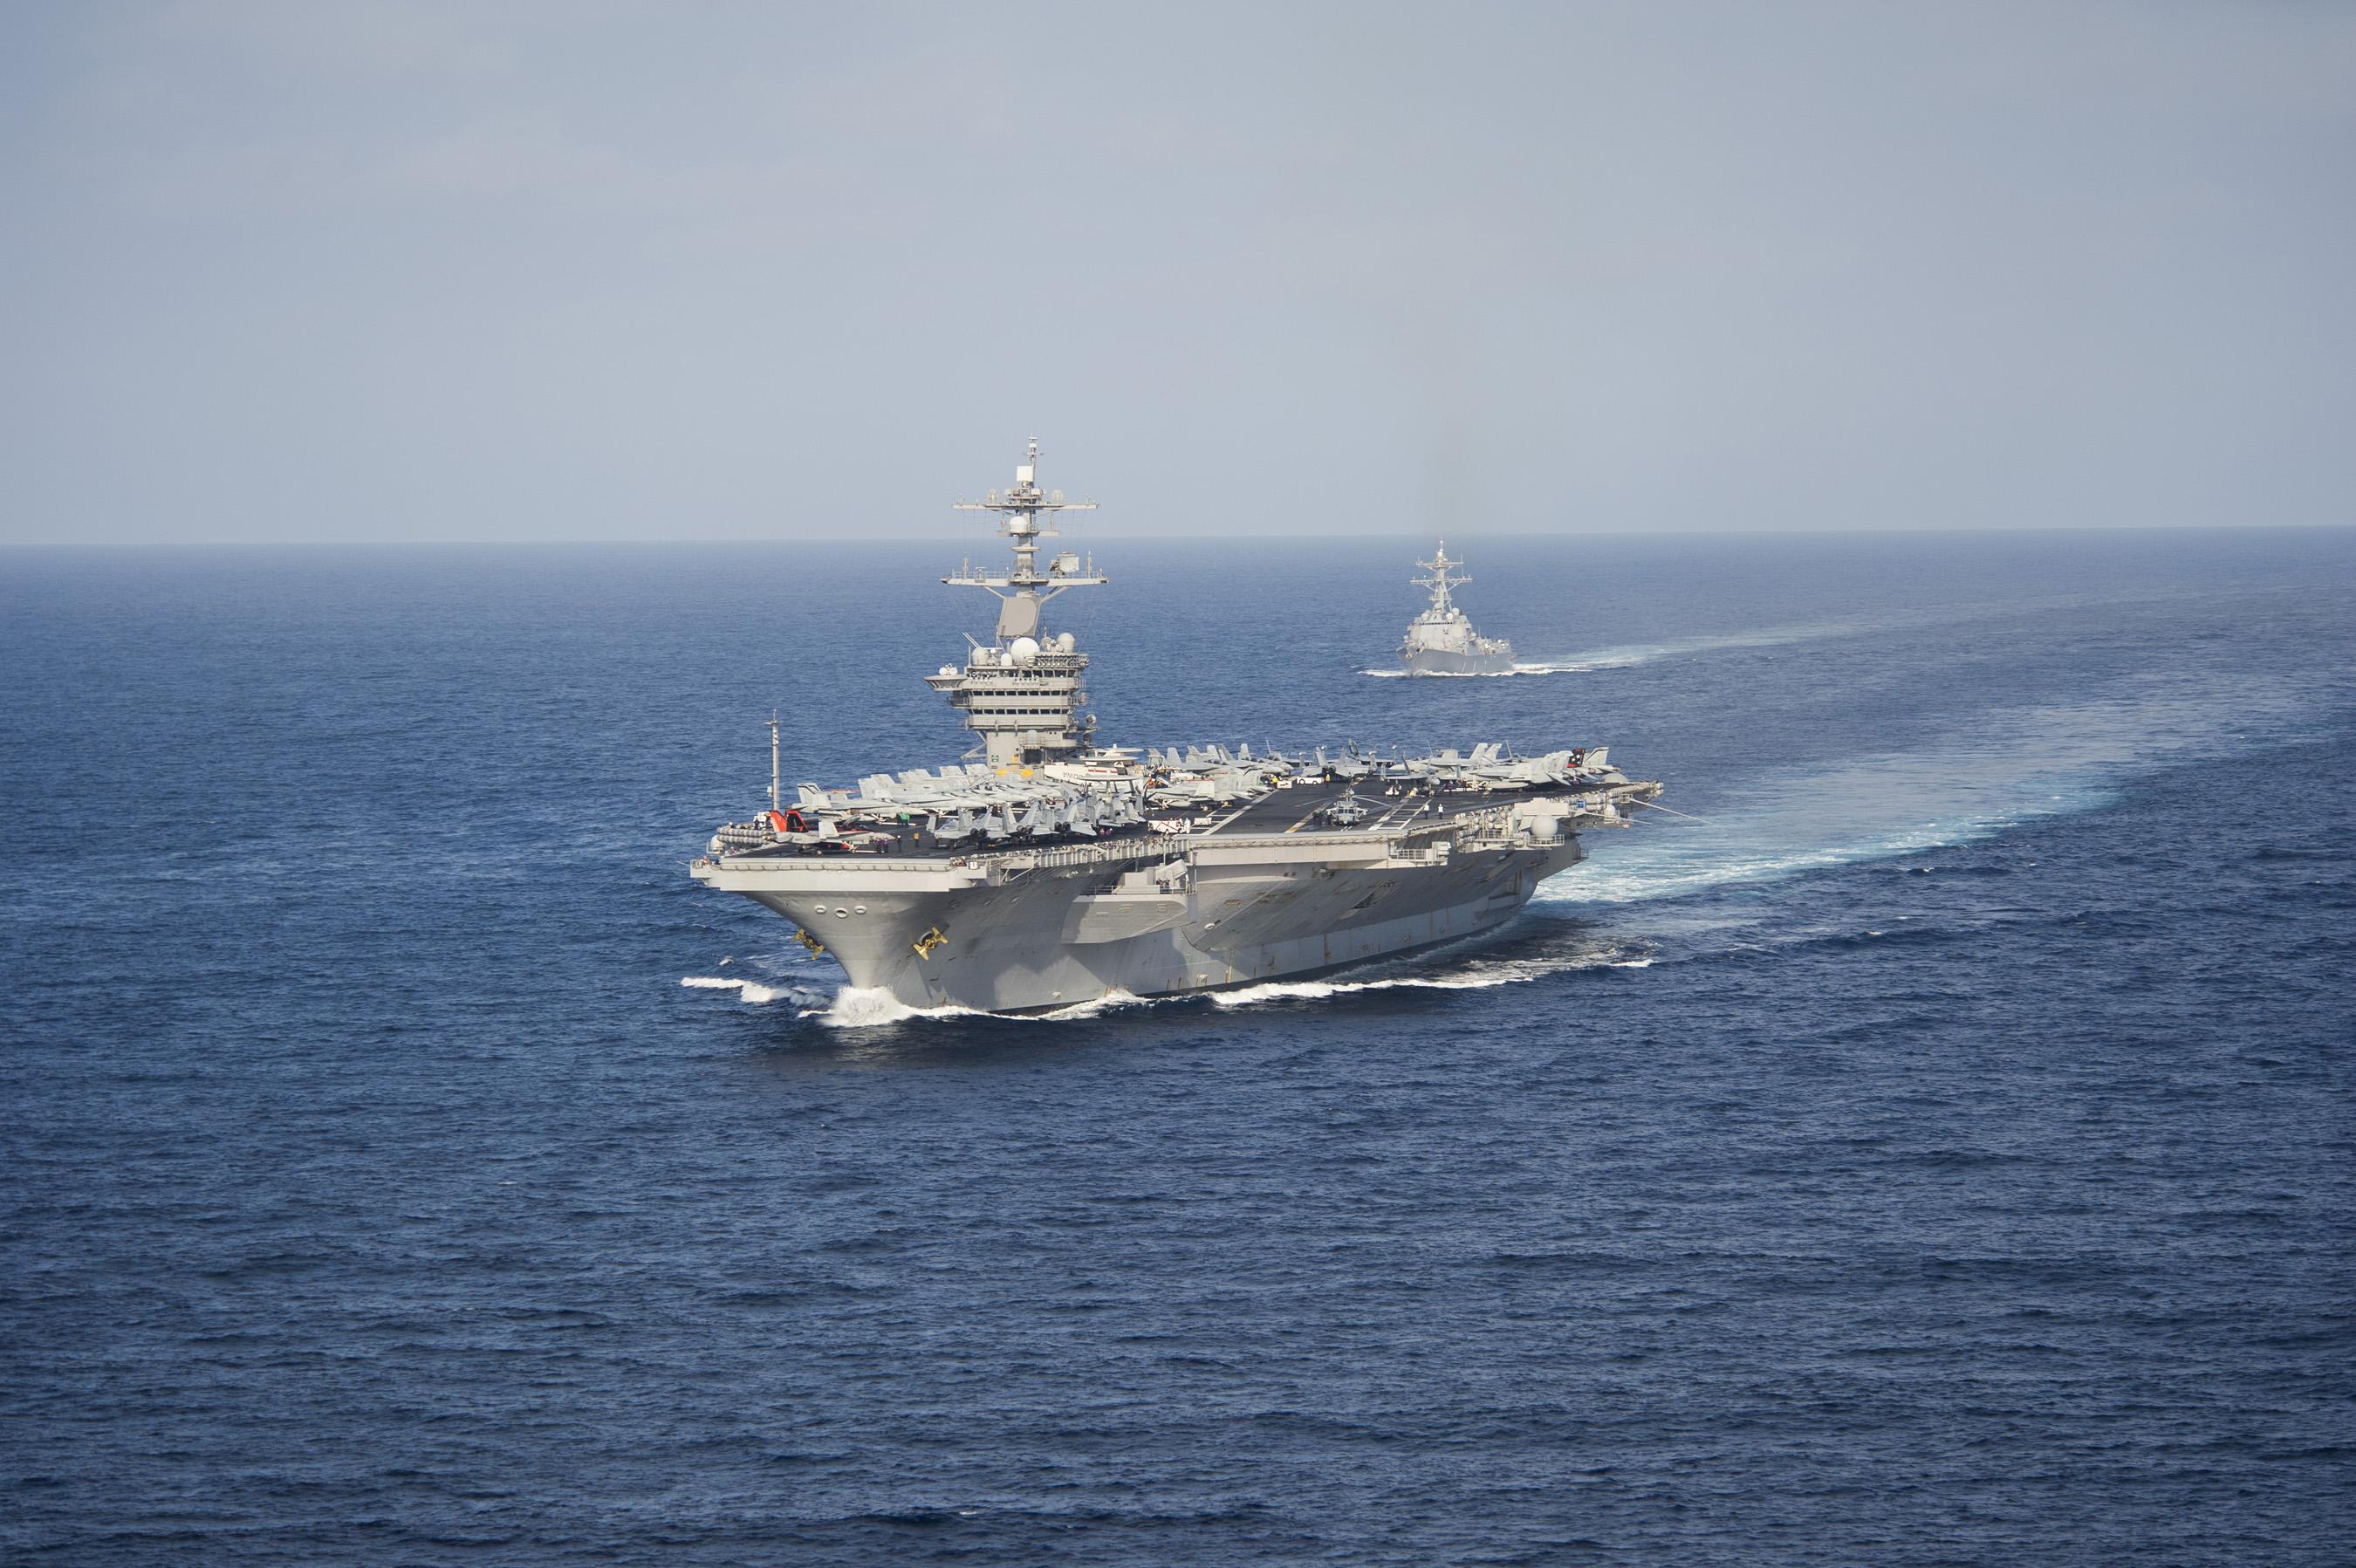 USS CARL VINSON CVN-70 am 23.05.2014 im Pazifik Bild: U.S. Navy